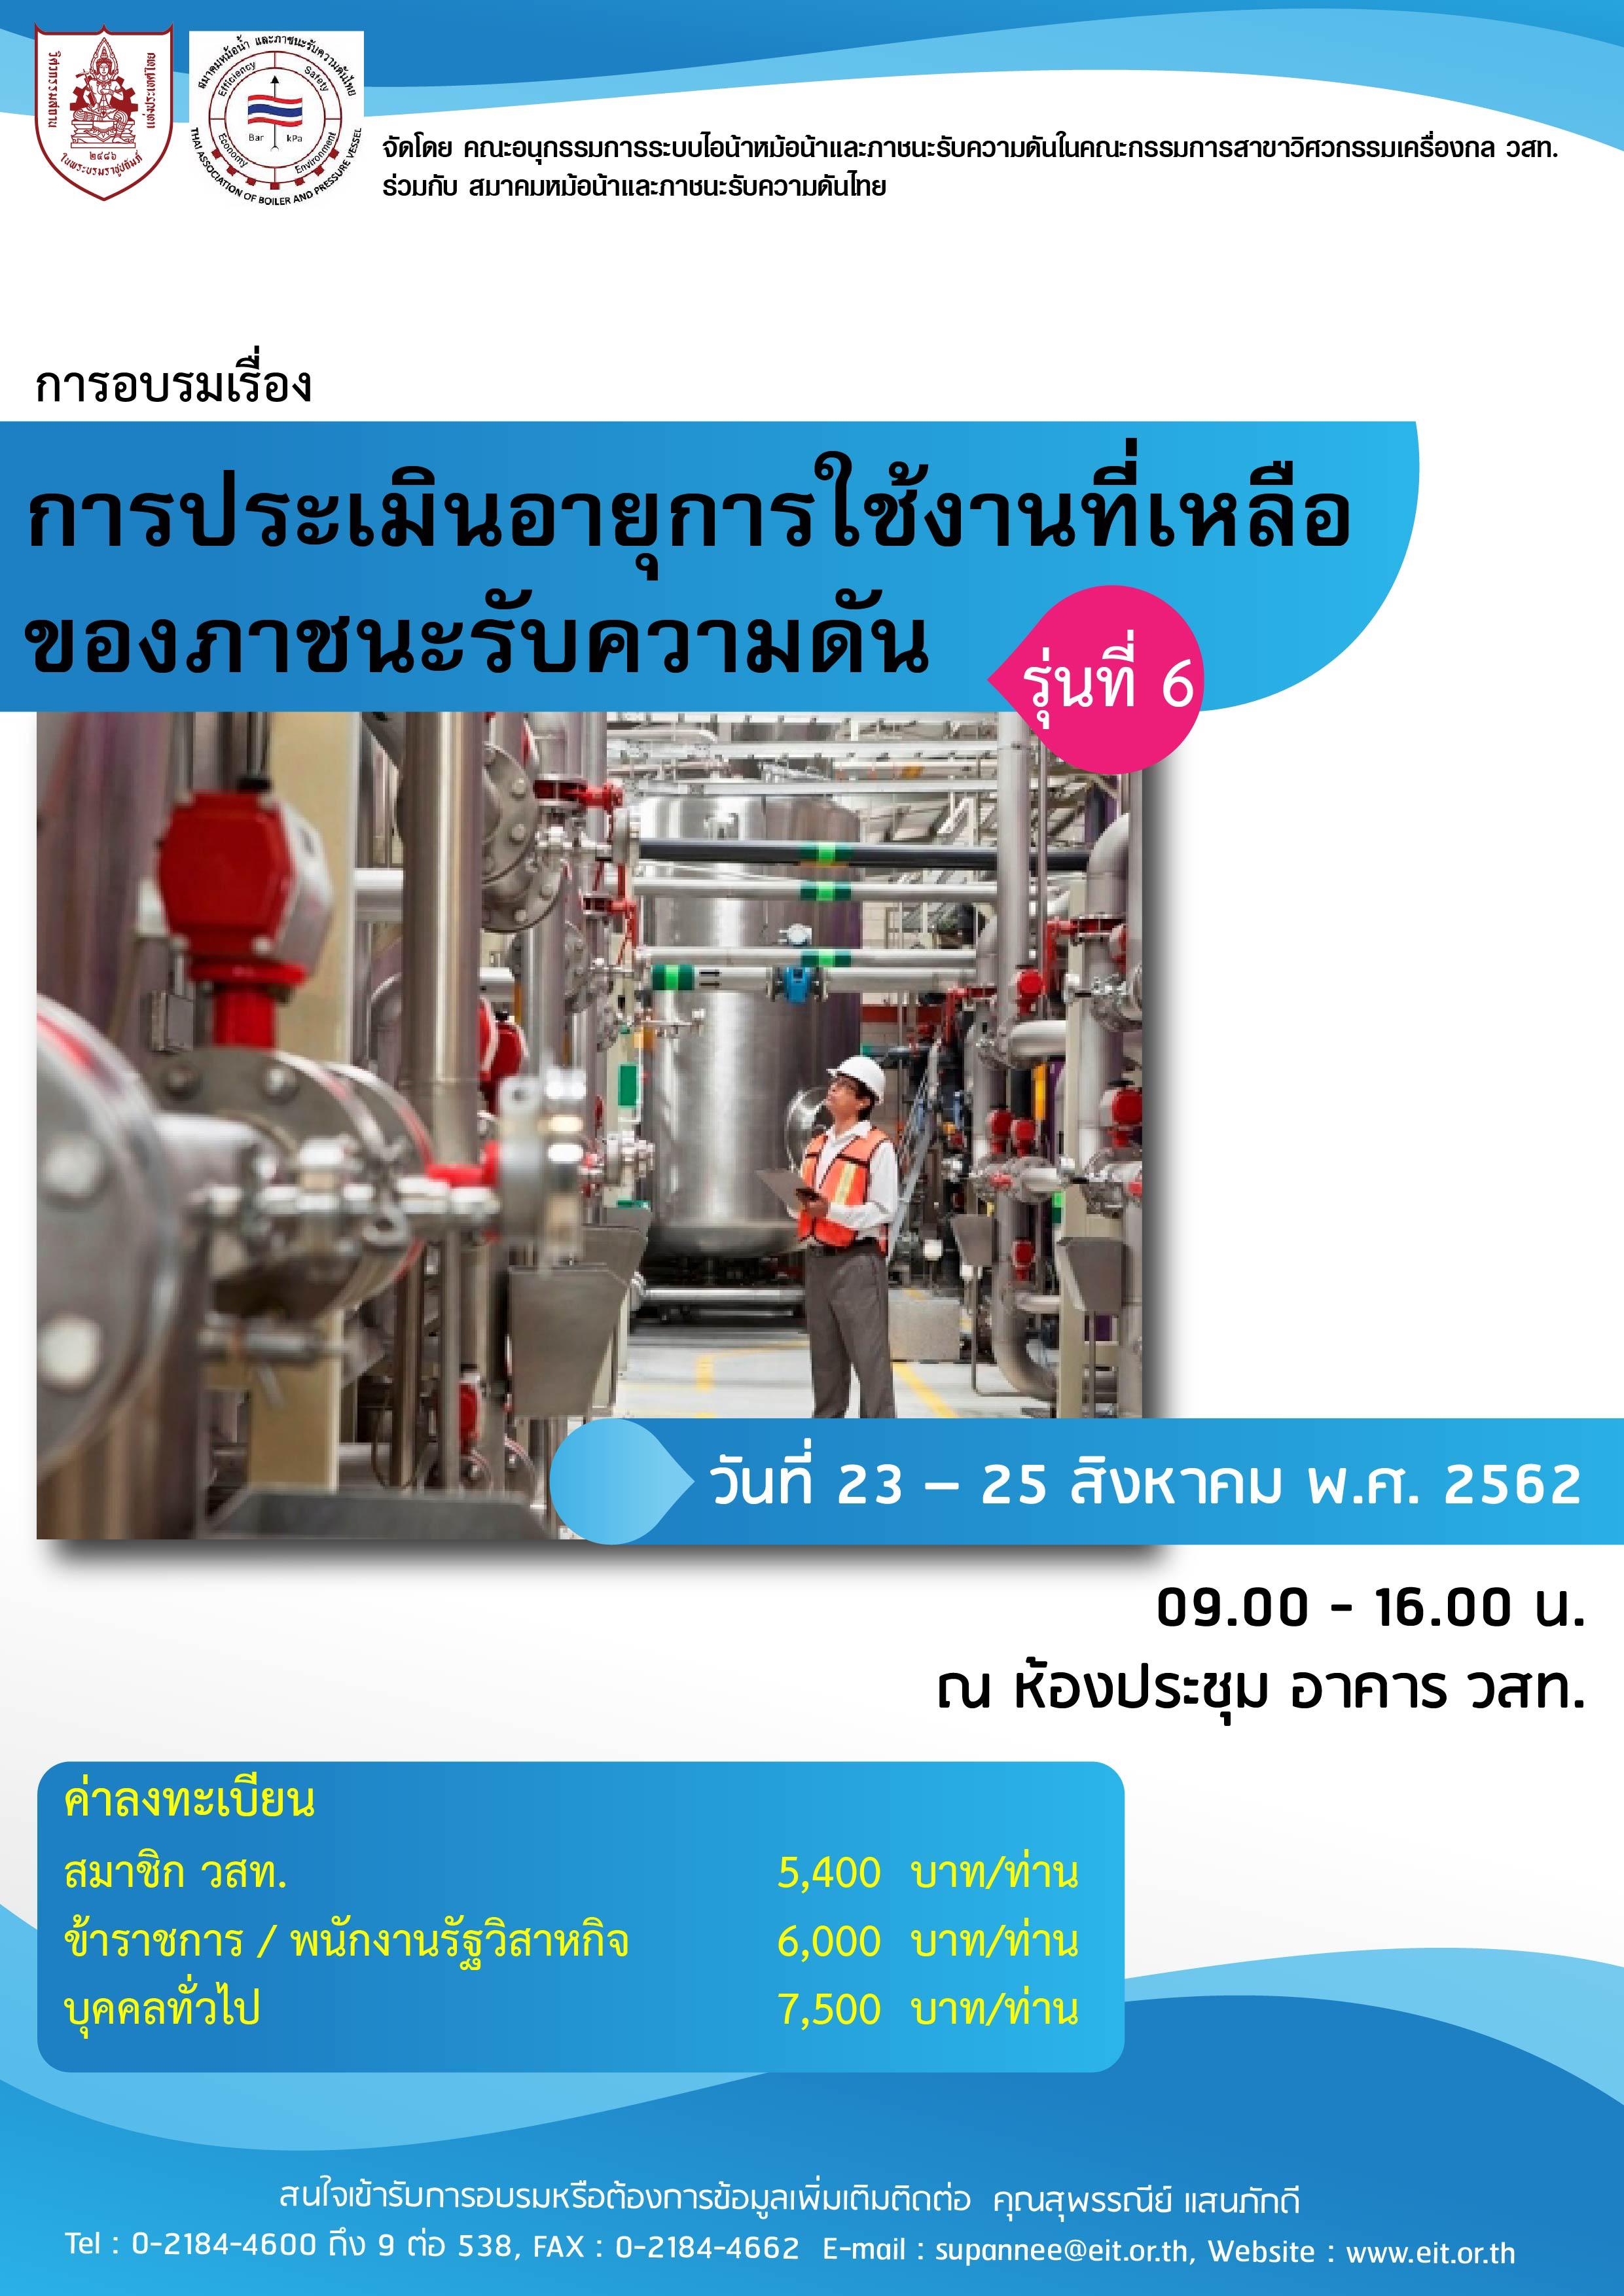 23-25/08/2562 การอบรมเรื่อง การประเมินอายุการใช้งานที่เหลือของภาชนะรับความดัน รุ่นที่ 6